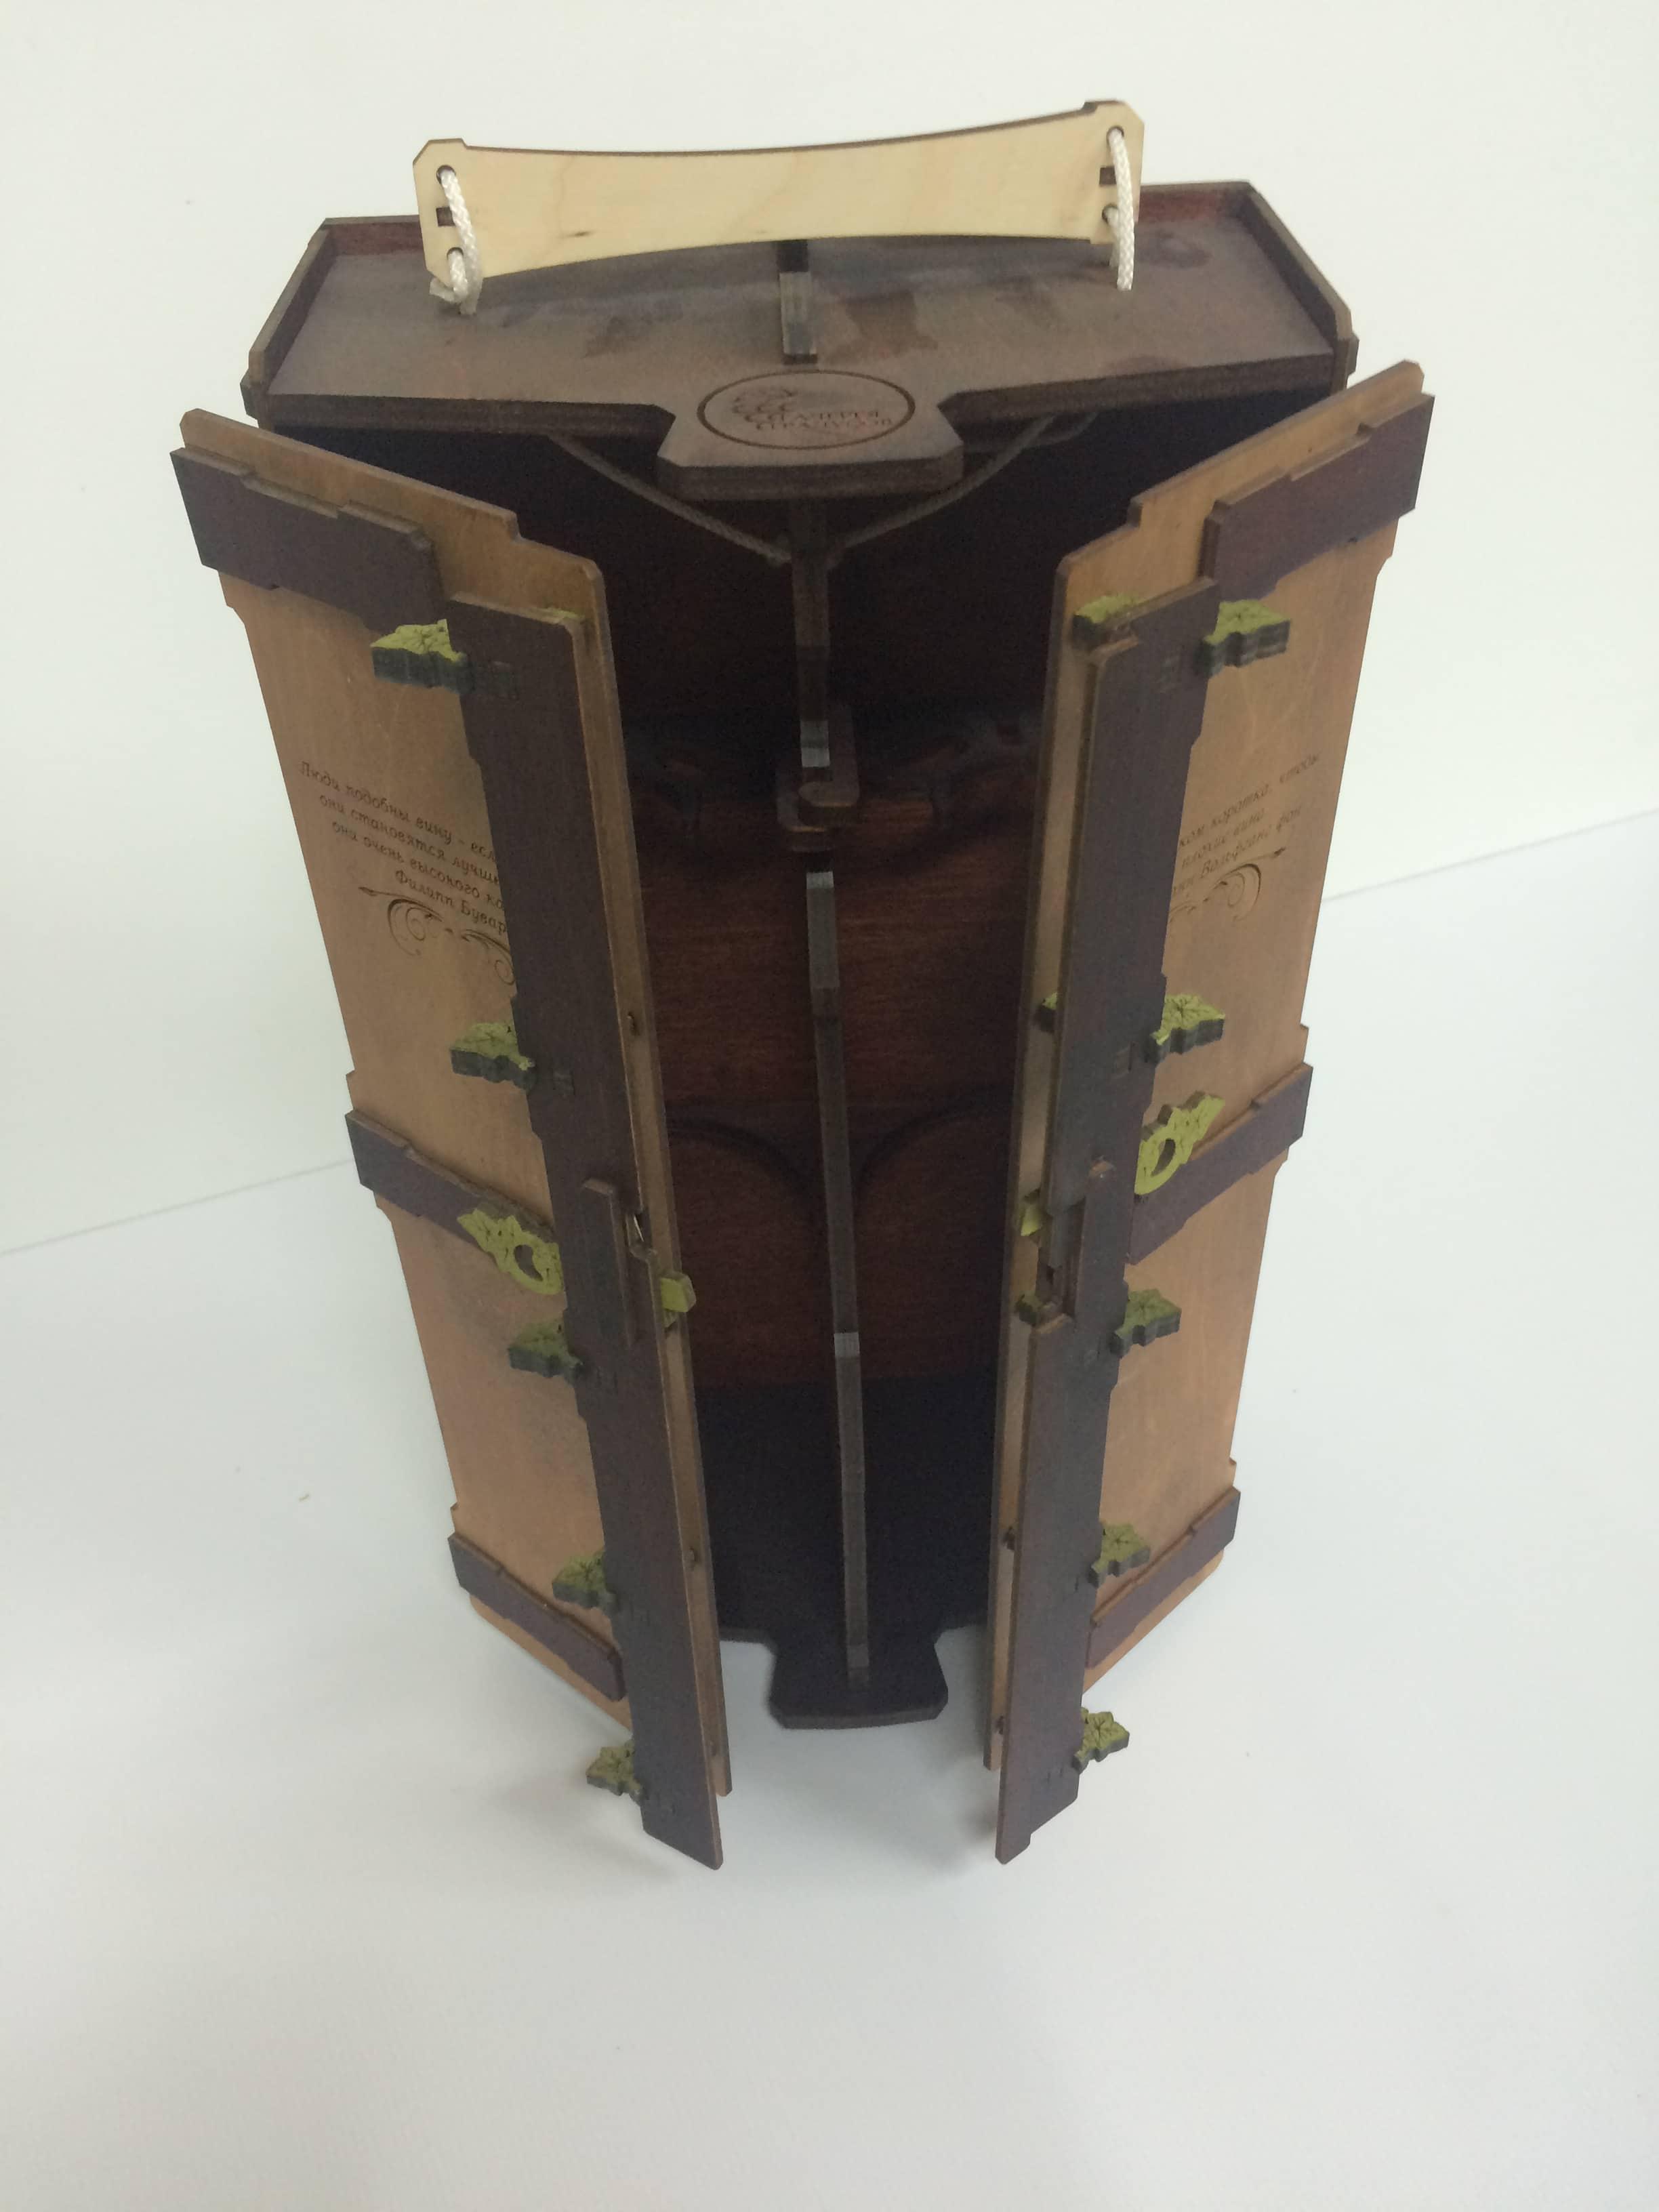 упаковка из дерева в открытом виде